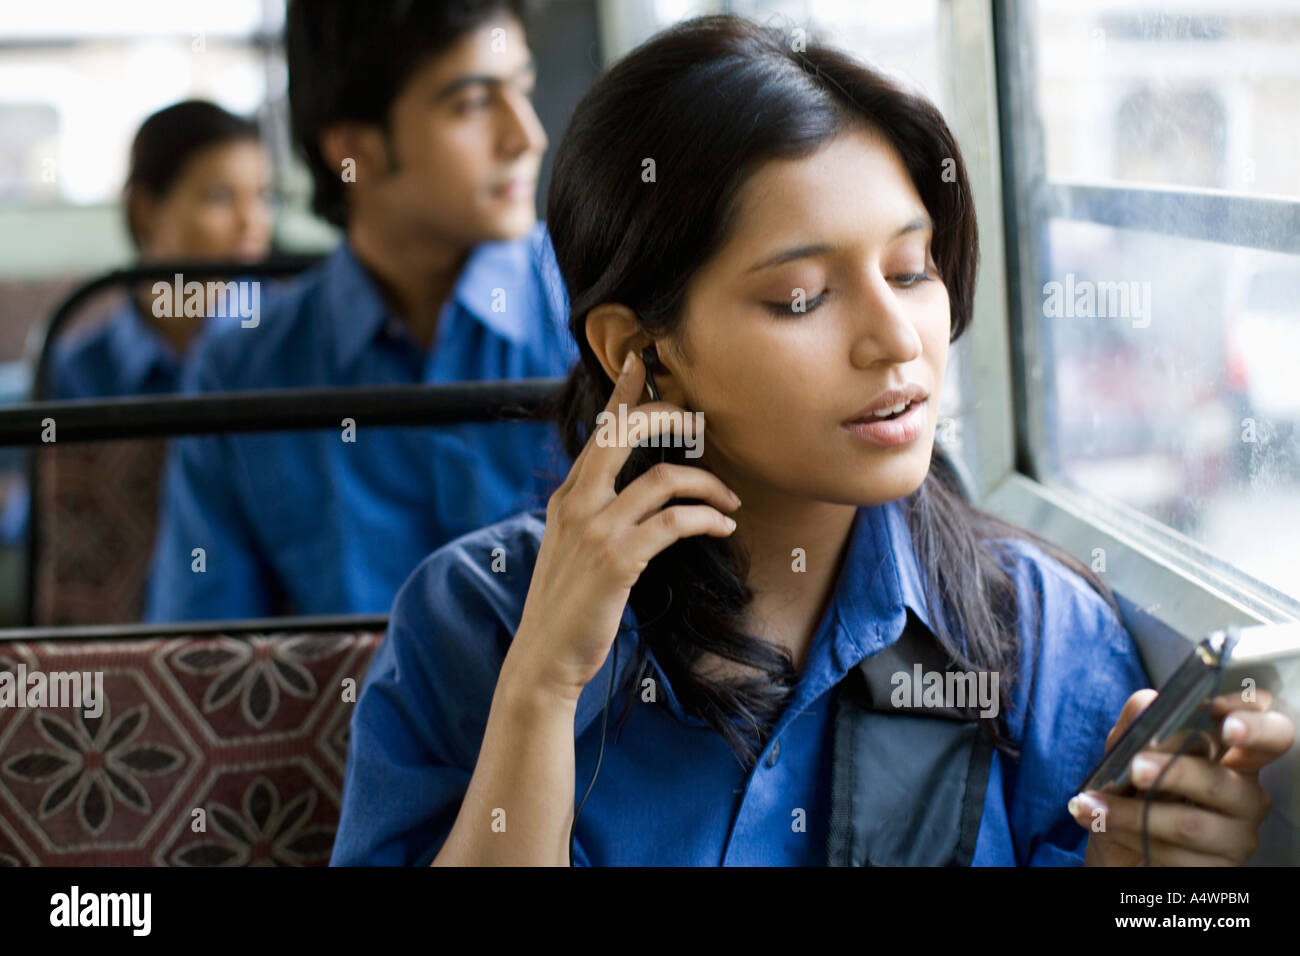 Estudiante escuchar MP3 player en bus. Imagen De Stock